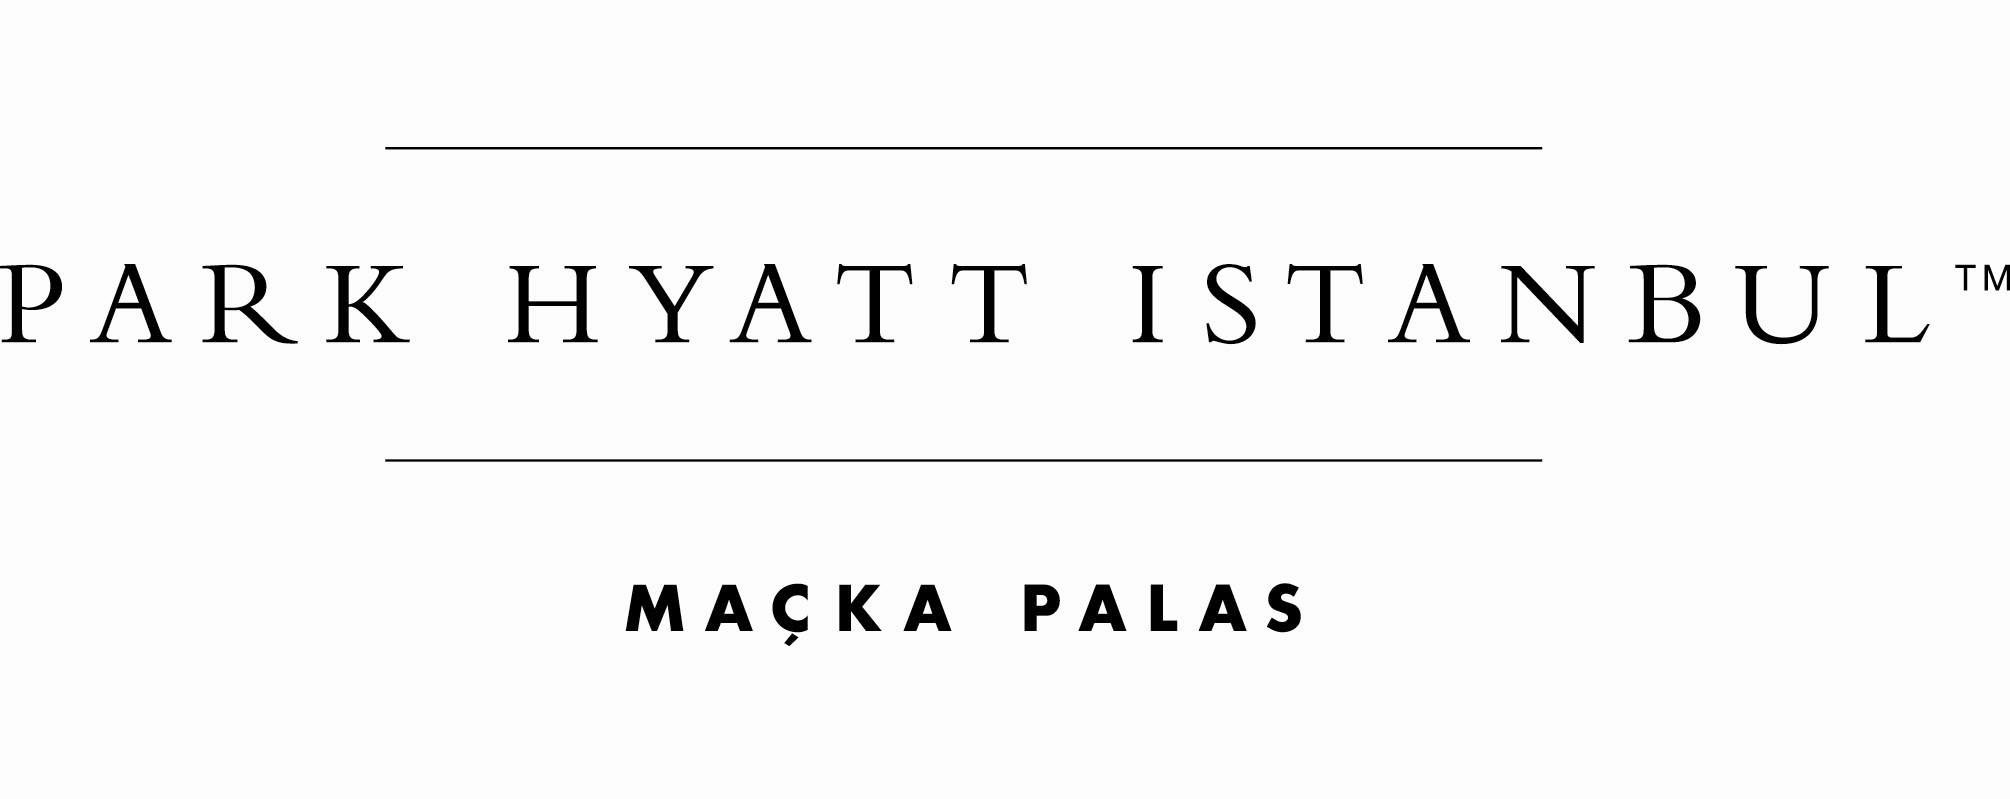 Park Hyatt Maçka Palas